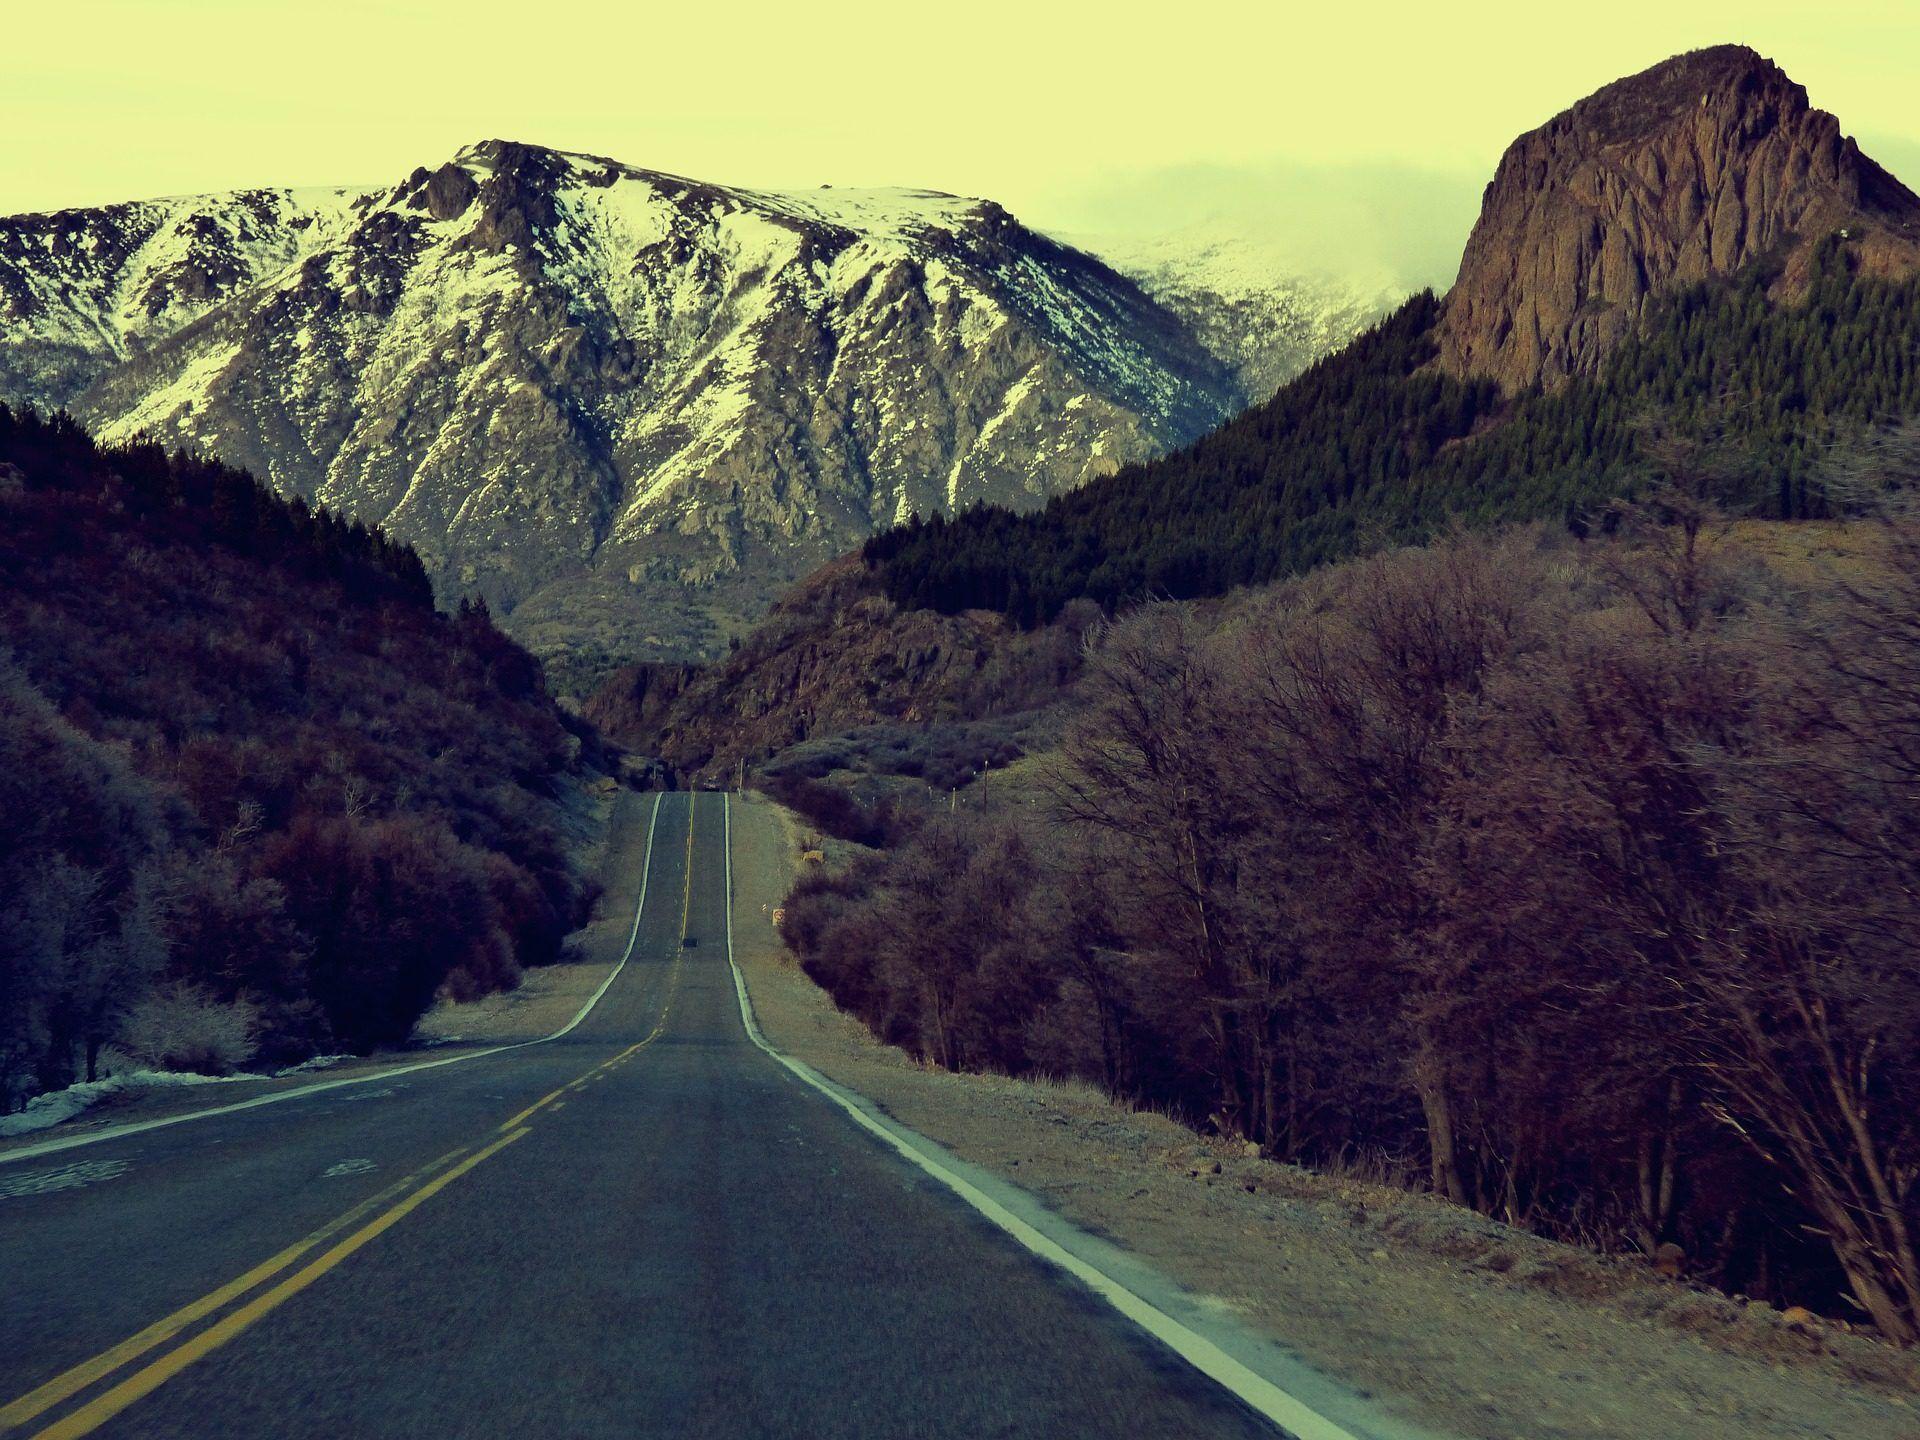 Montaña Nevada Hd: Carretera, Solitaria, Montaña, Nieve, Bosque, Otoño